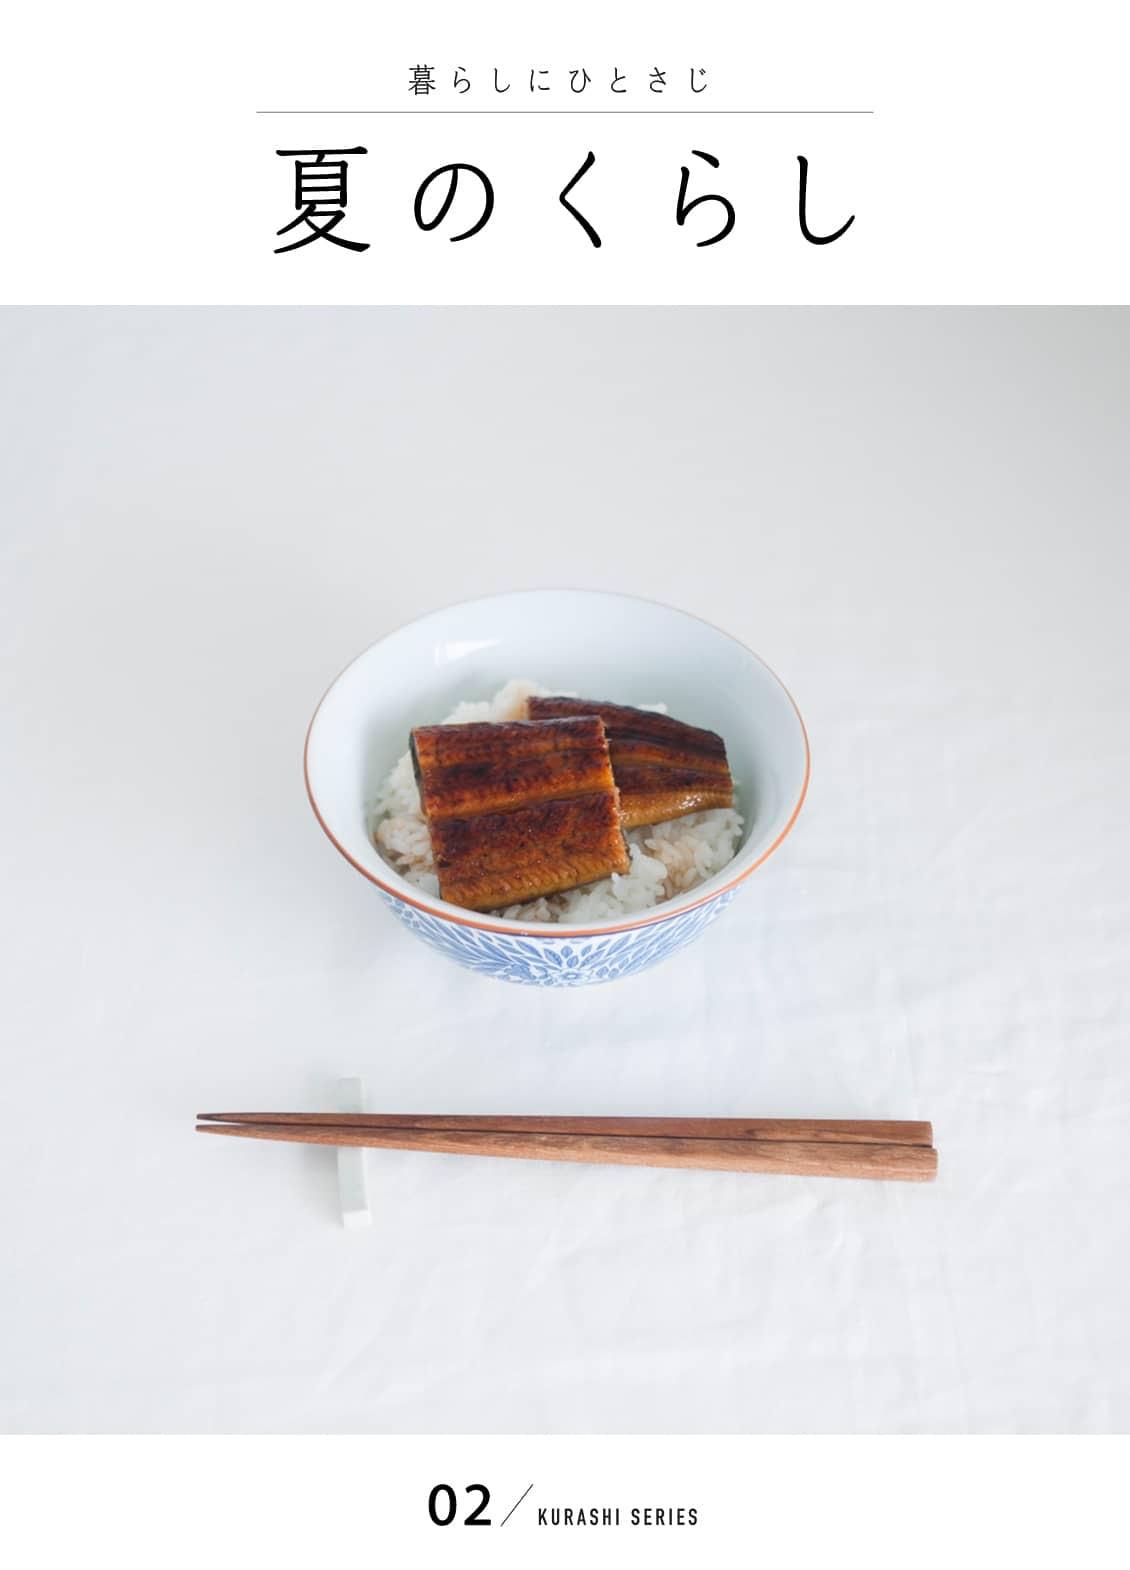 市販 の うなぎ を 美味しく 食べる コツ